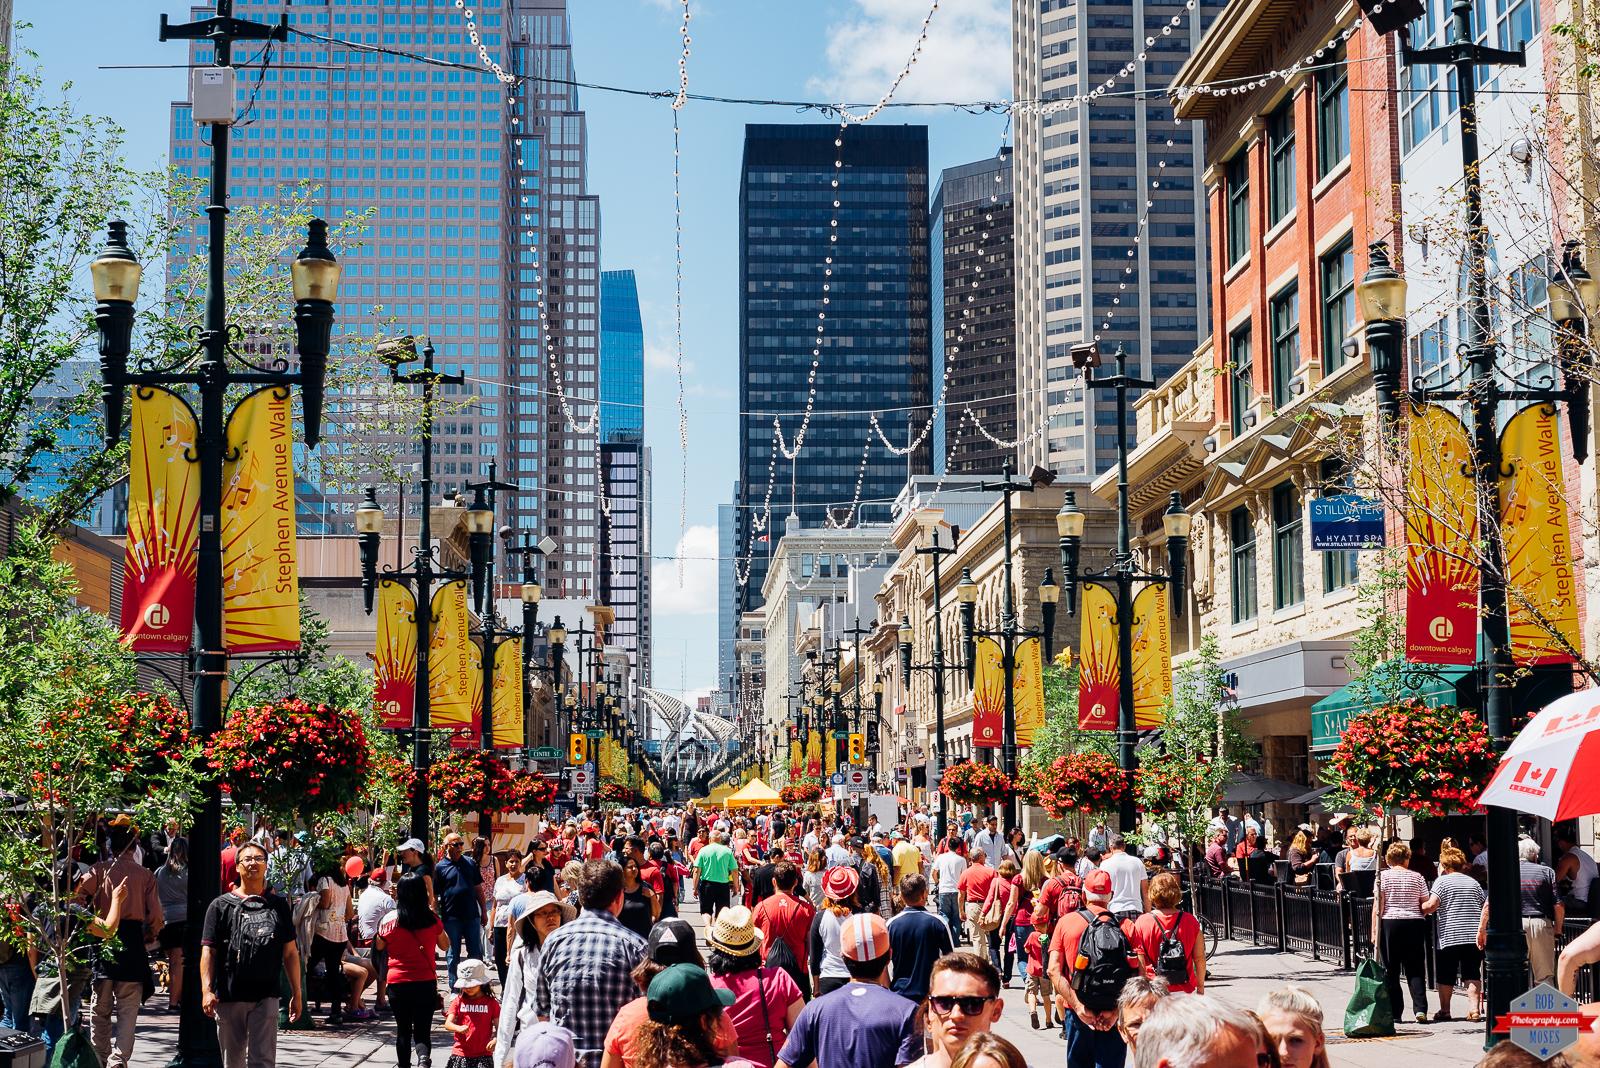 Картинки с городом с людьми